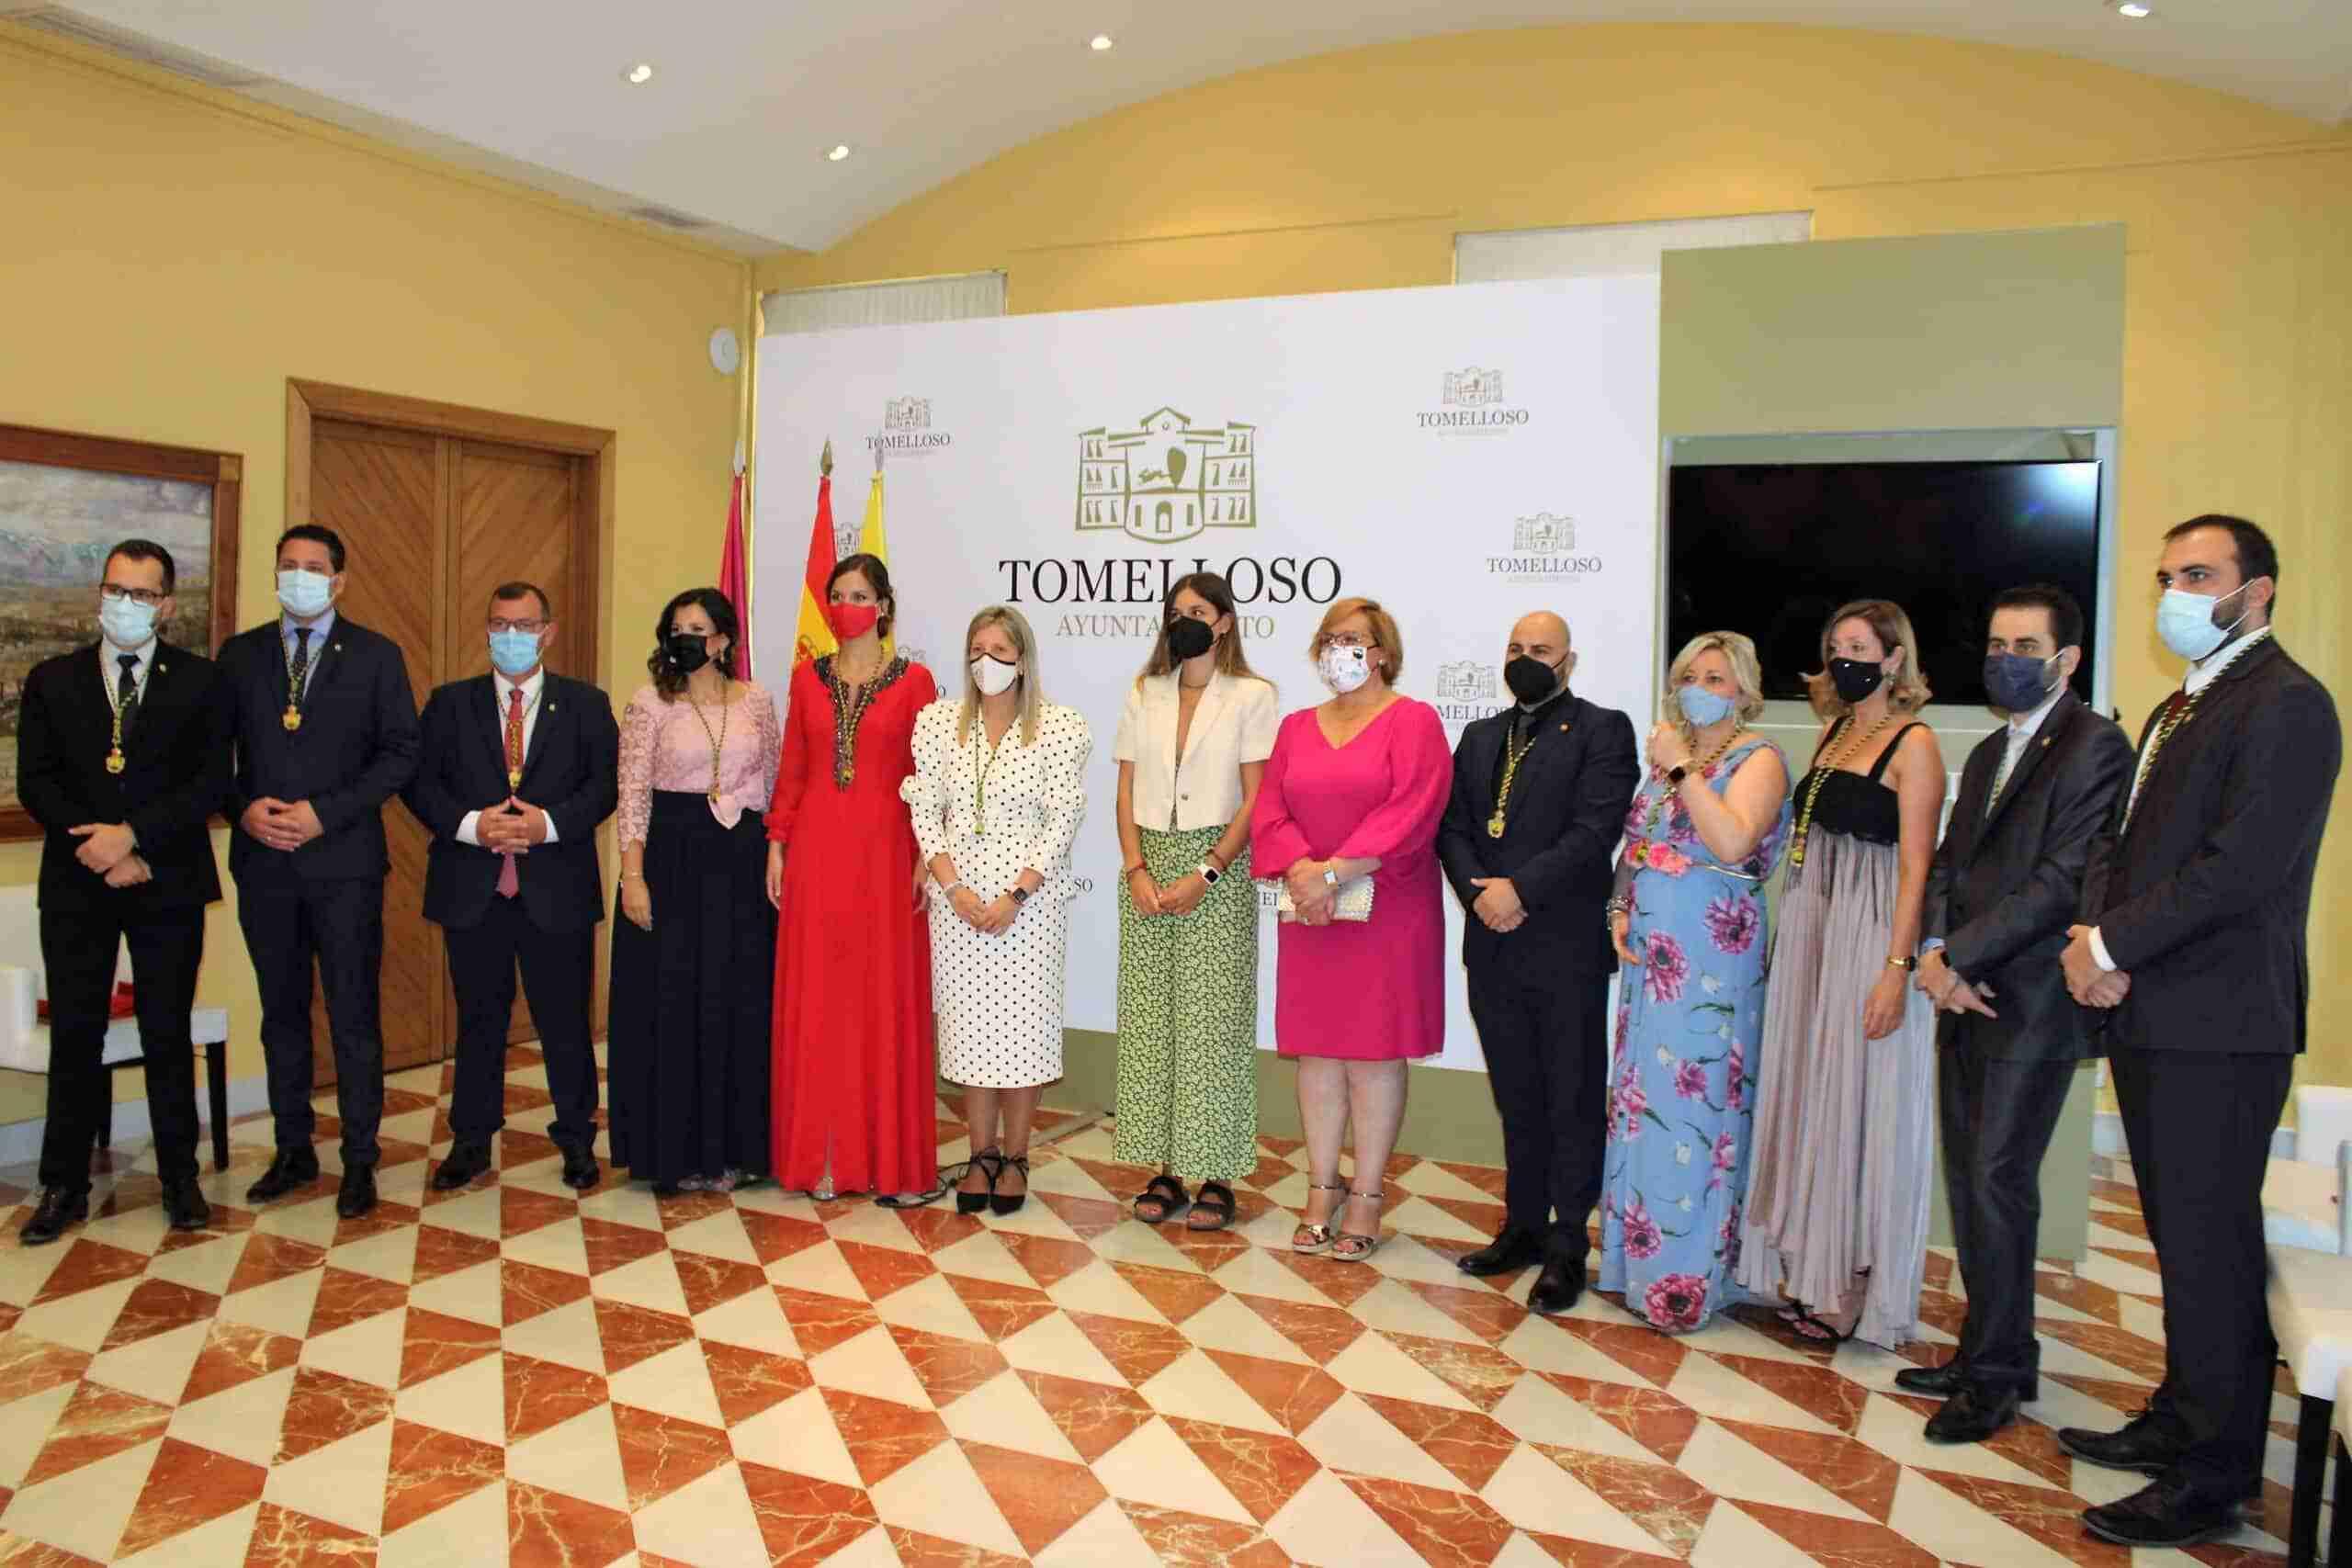 Castilla-La Mancha aplaude la capacidad de Tomelloso para poner los nuevos valores junto a sus referentes artísticos y literarios 5